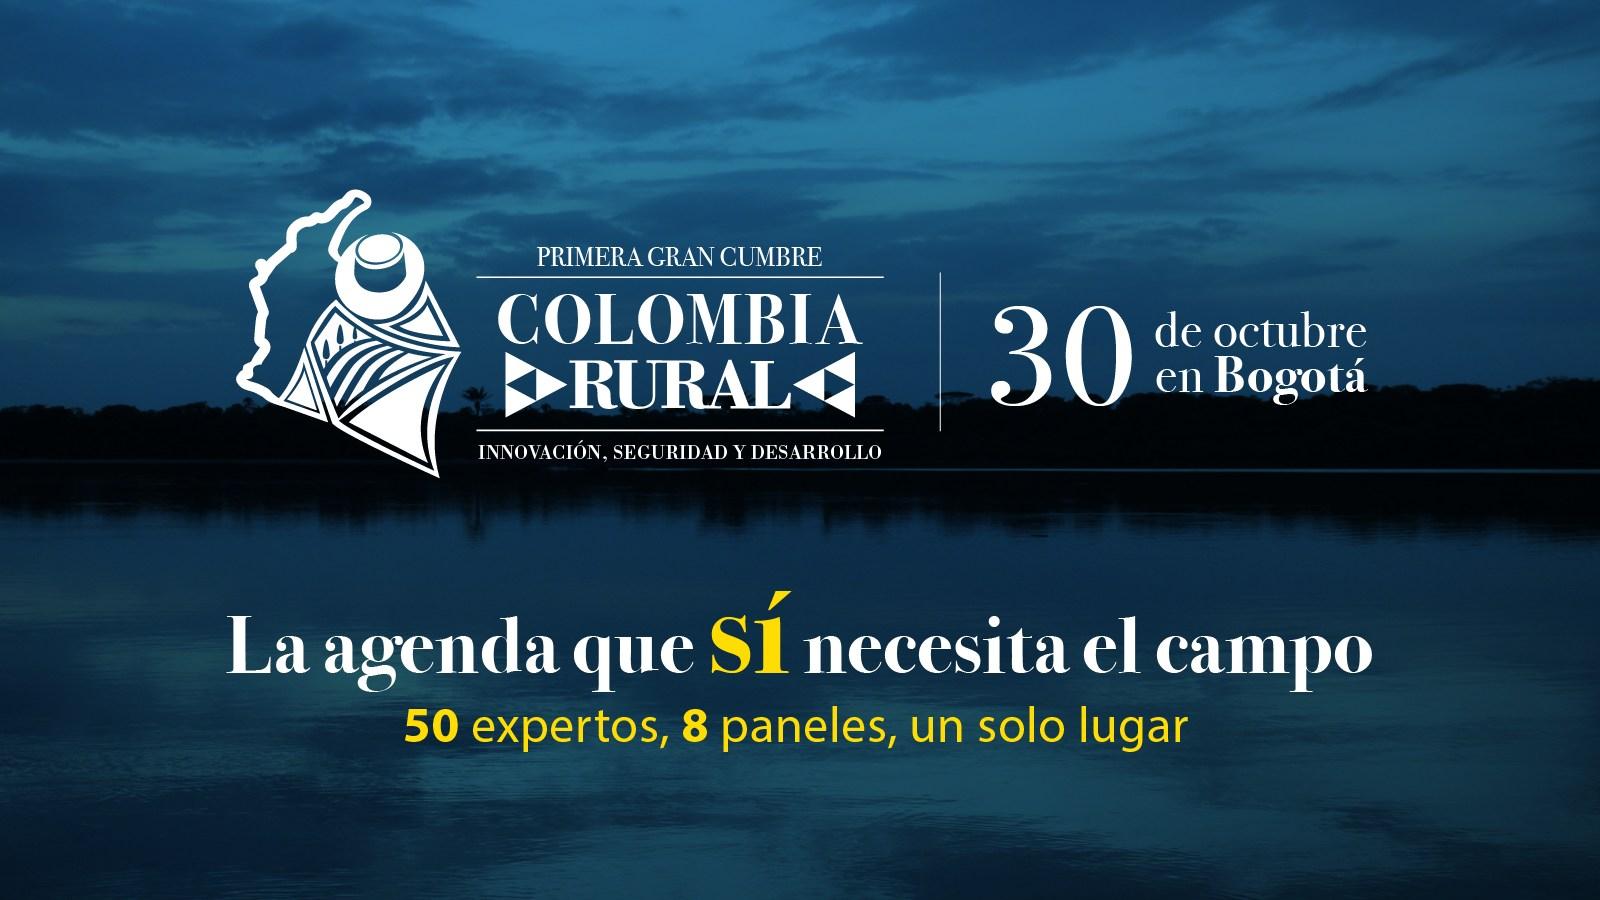 Conozca la agenda de la primera Gran Cumbre Colombia Rural